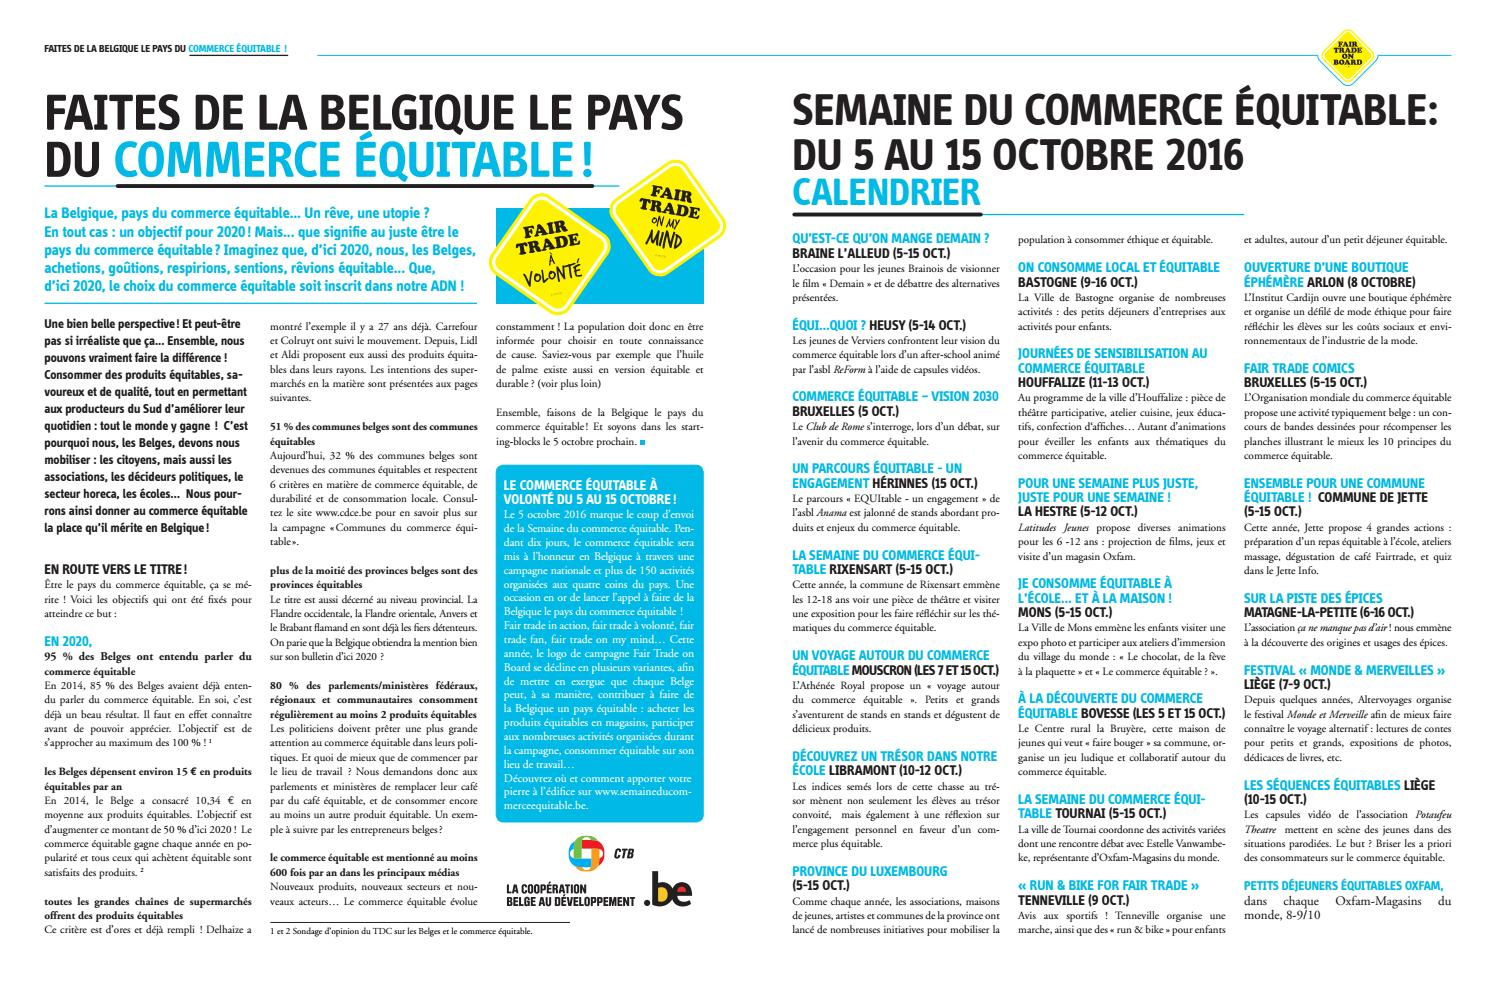 Supplément Commerce Equitable le Vif 2016